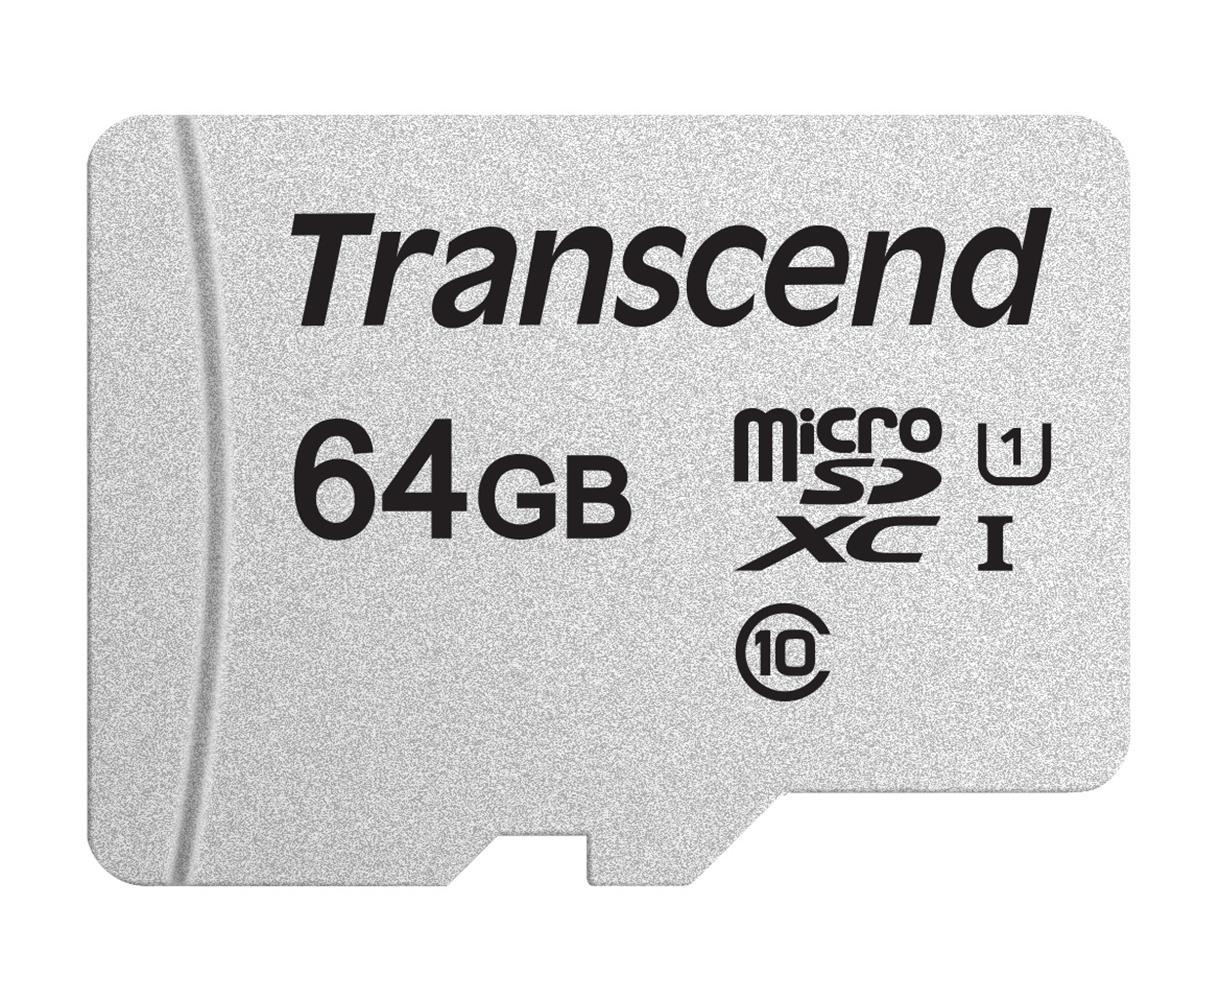 【正規国内販売代理店】トランセンド 64GB UHS-I U1 microSDXCカード(変換アダプターなし) TS64GUSD300S